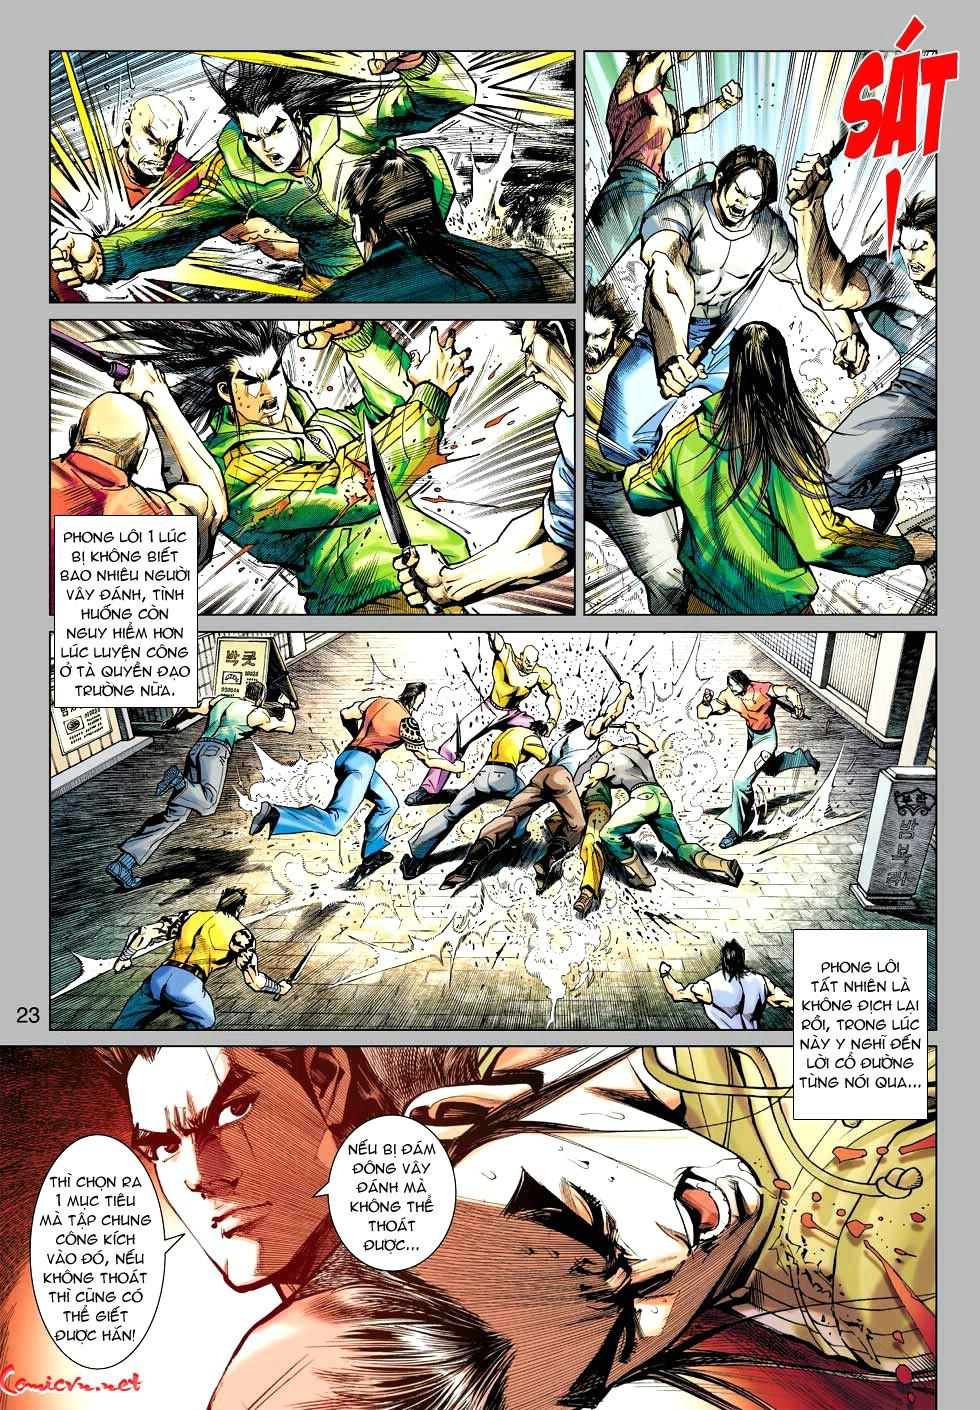 Vương Phong Lôi 1 chap 34 - Trang 23